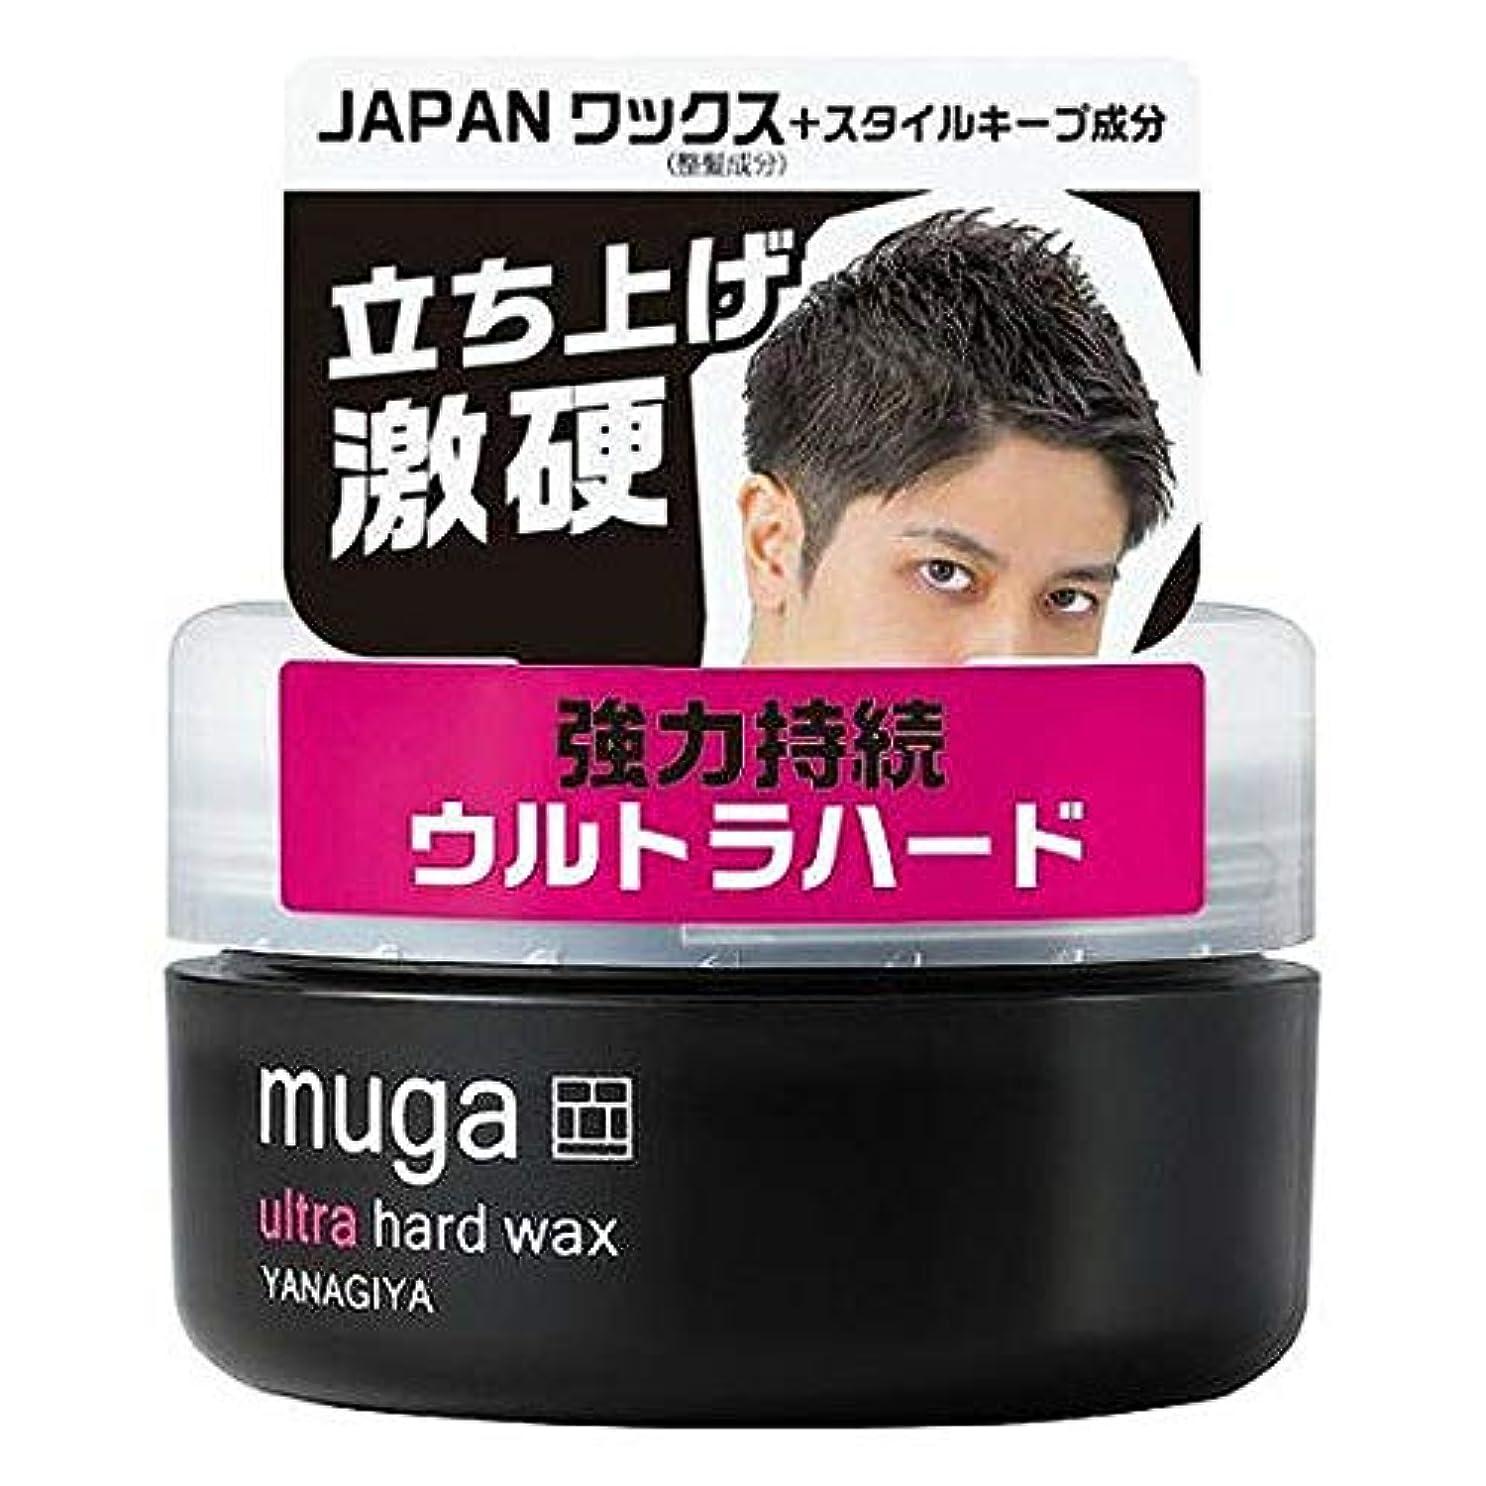 体シャンプー鈍い【柳屋本店】MUGA ウルトラハードワックス 85g